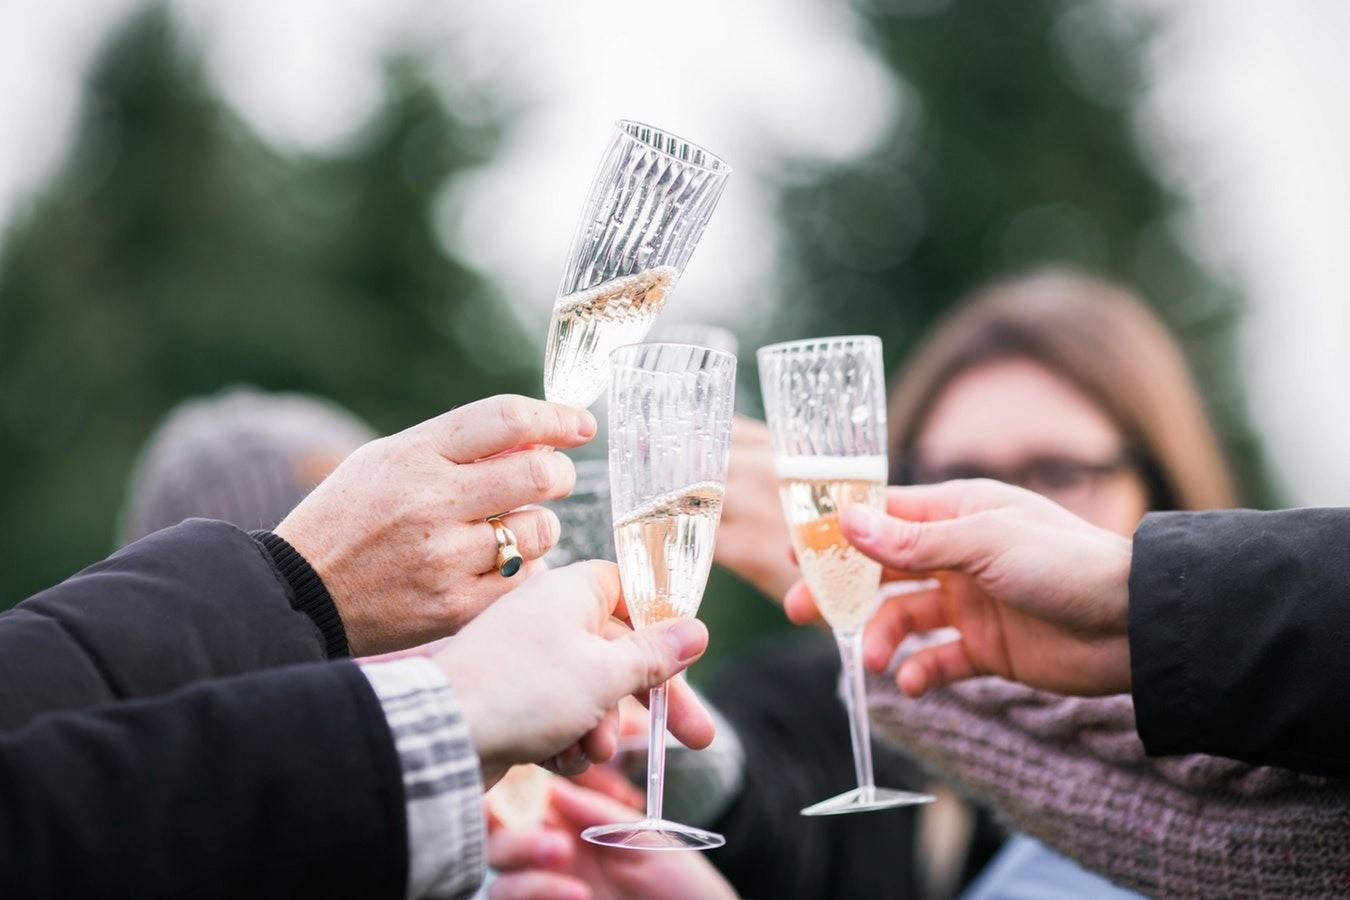 Конкурсы для корпоратива на Новый год: как сделать вечер интересным для всех